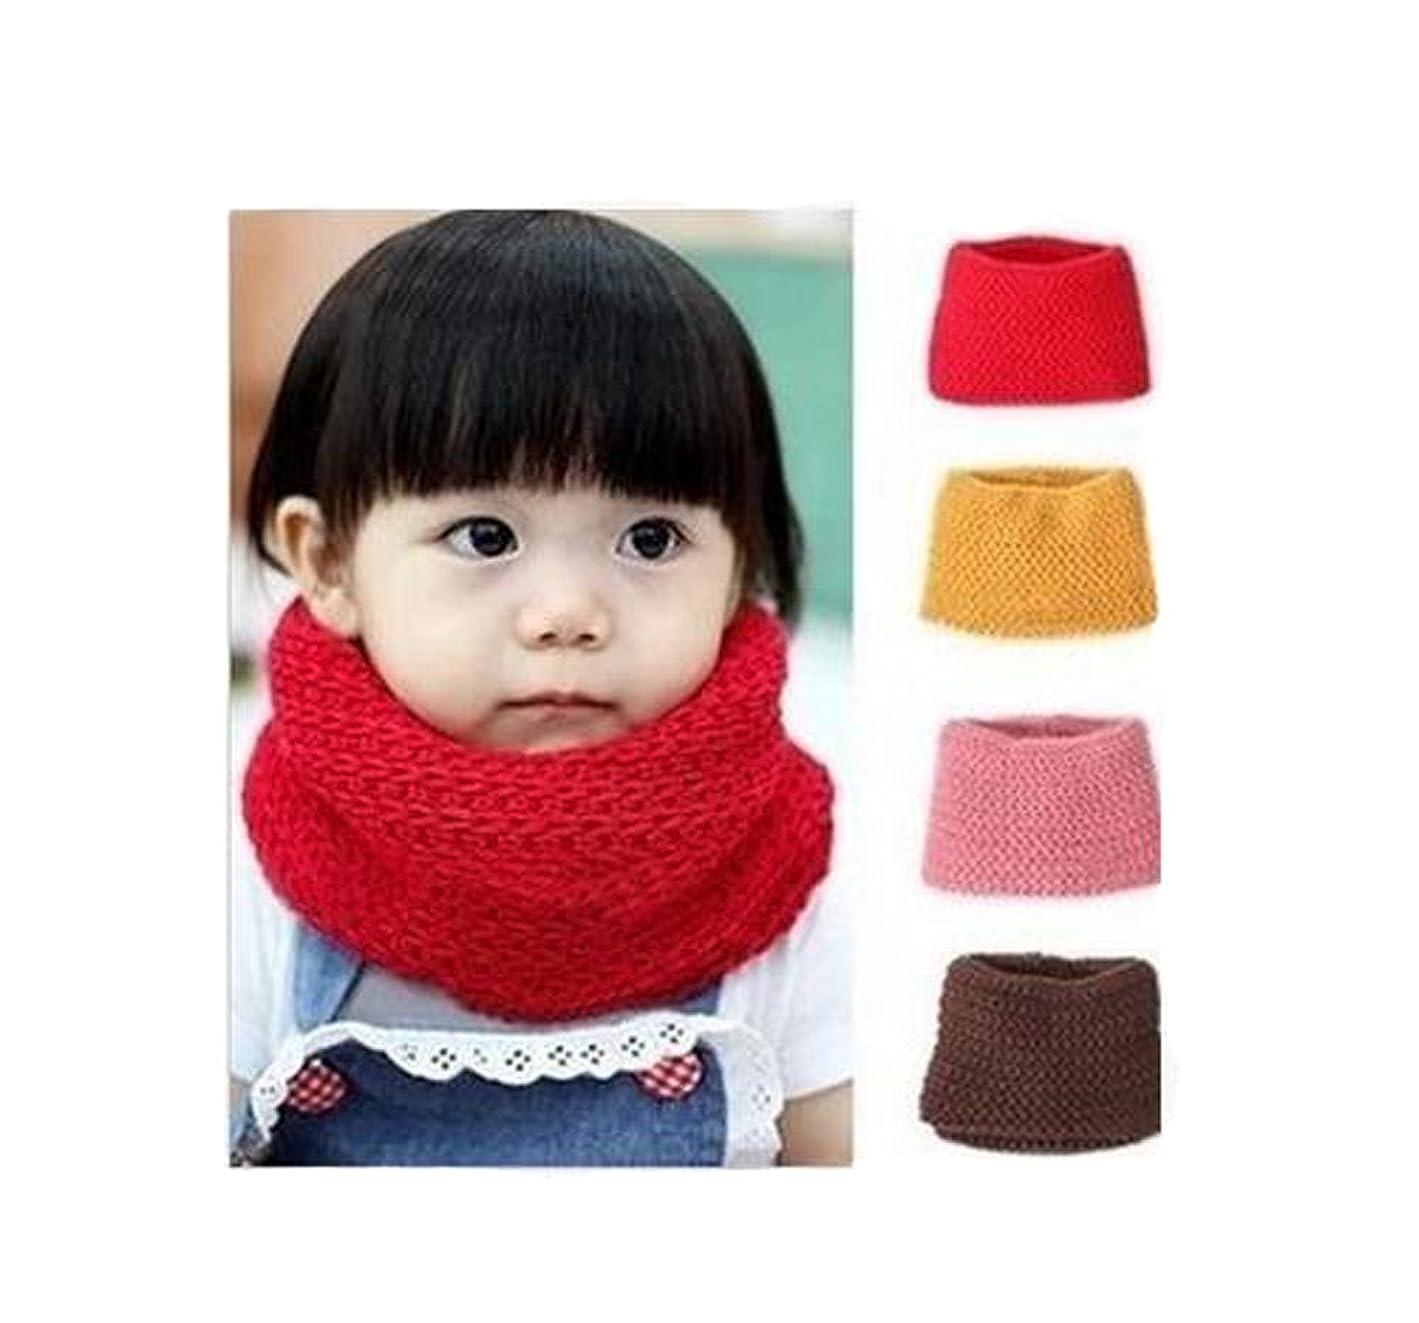 作ります長方形日付付きユニセックスベビー子供幼児用男の子女の子ソフト厚いニットスカーフウォーマー冬ニットスカーフネックスカーフラップスカーフ S